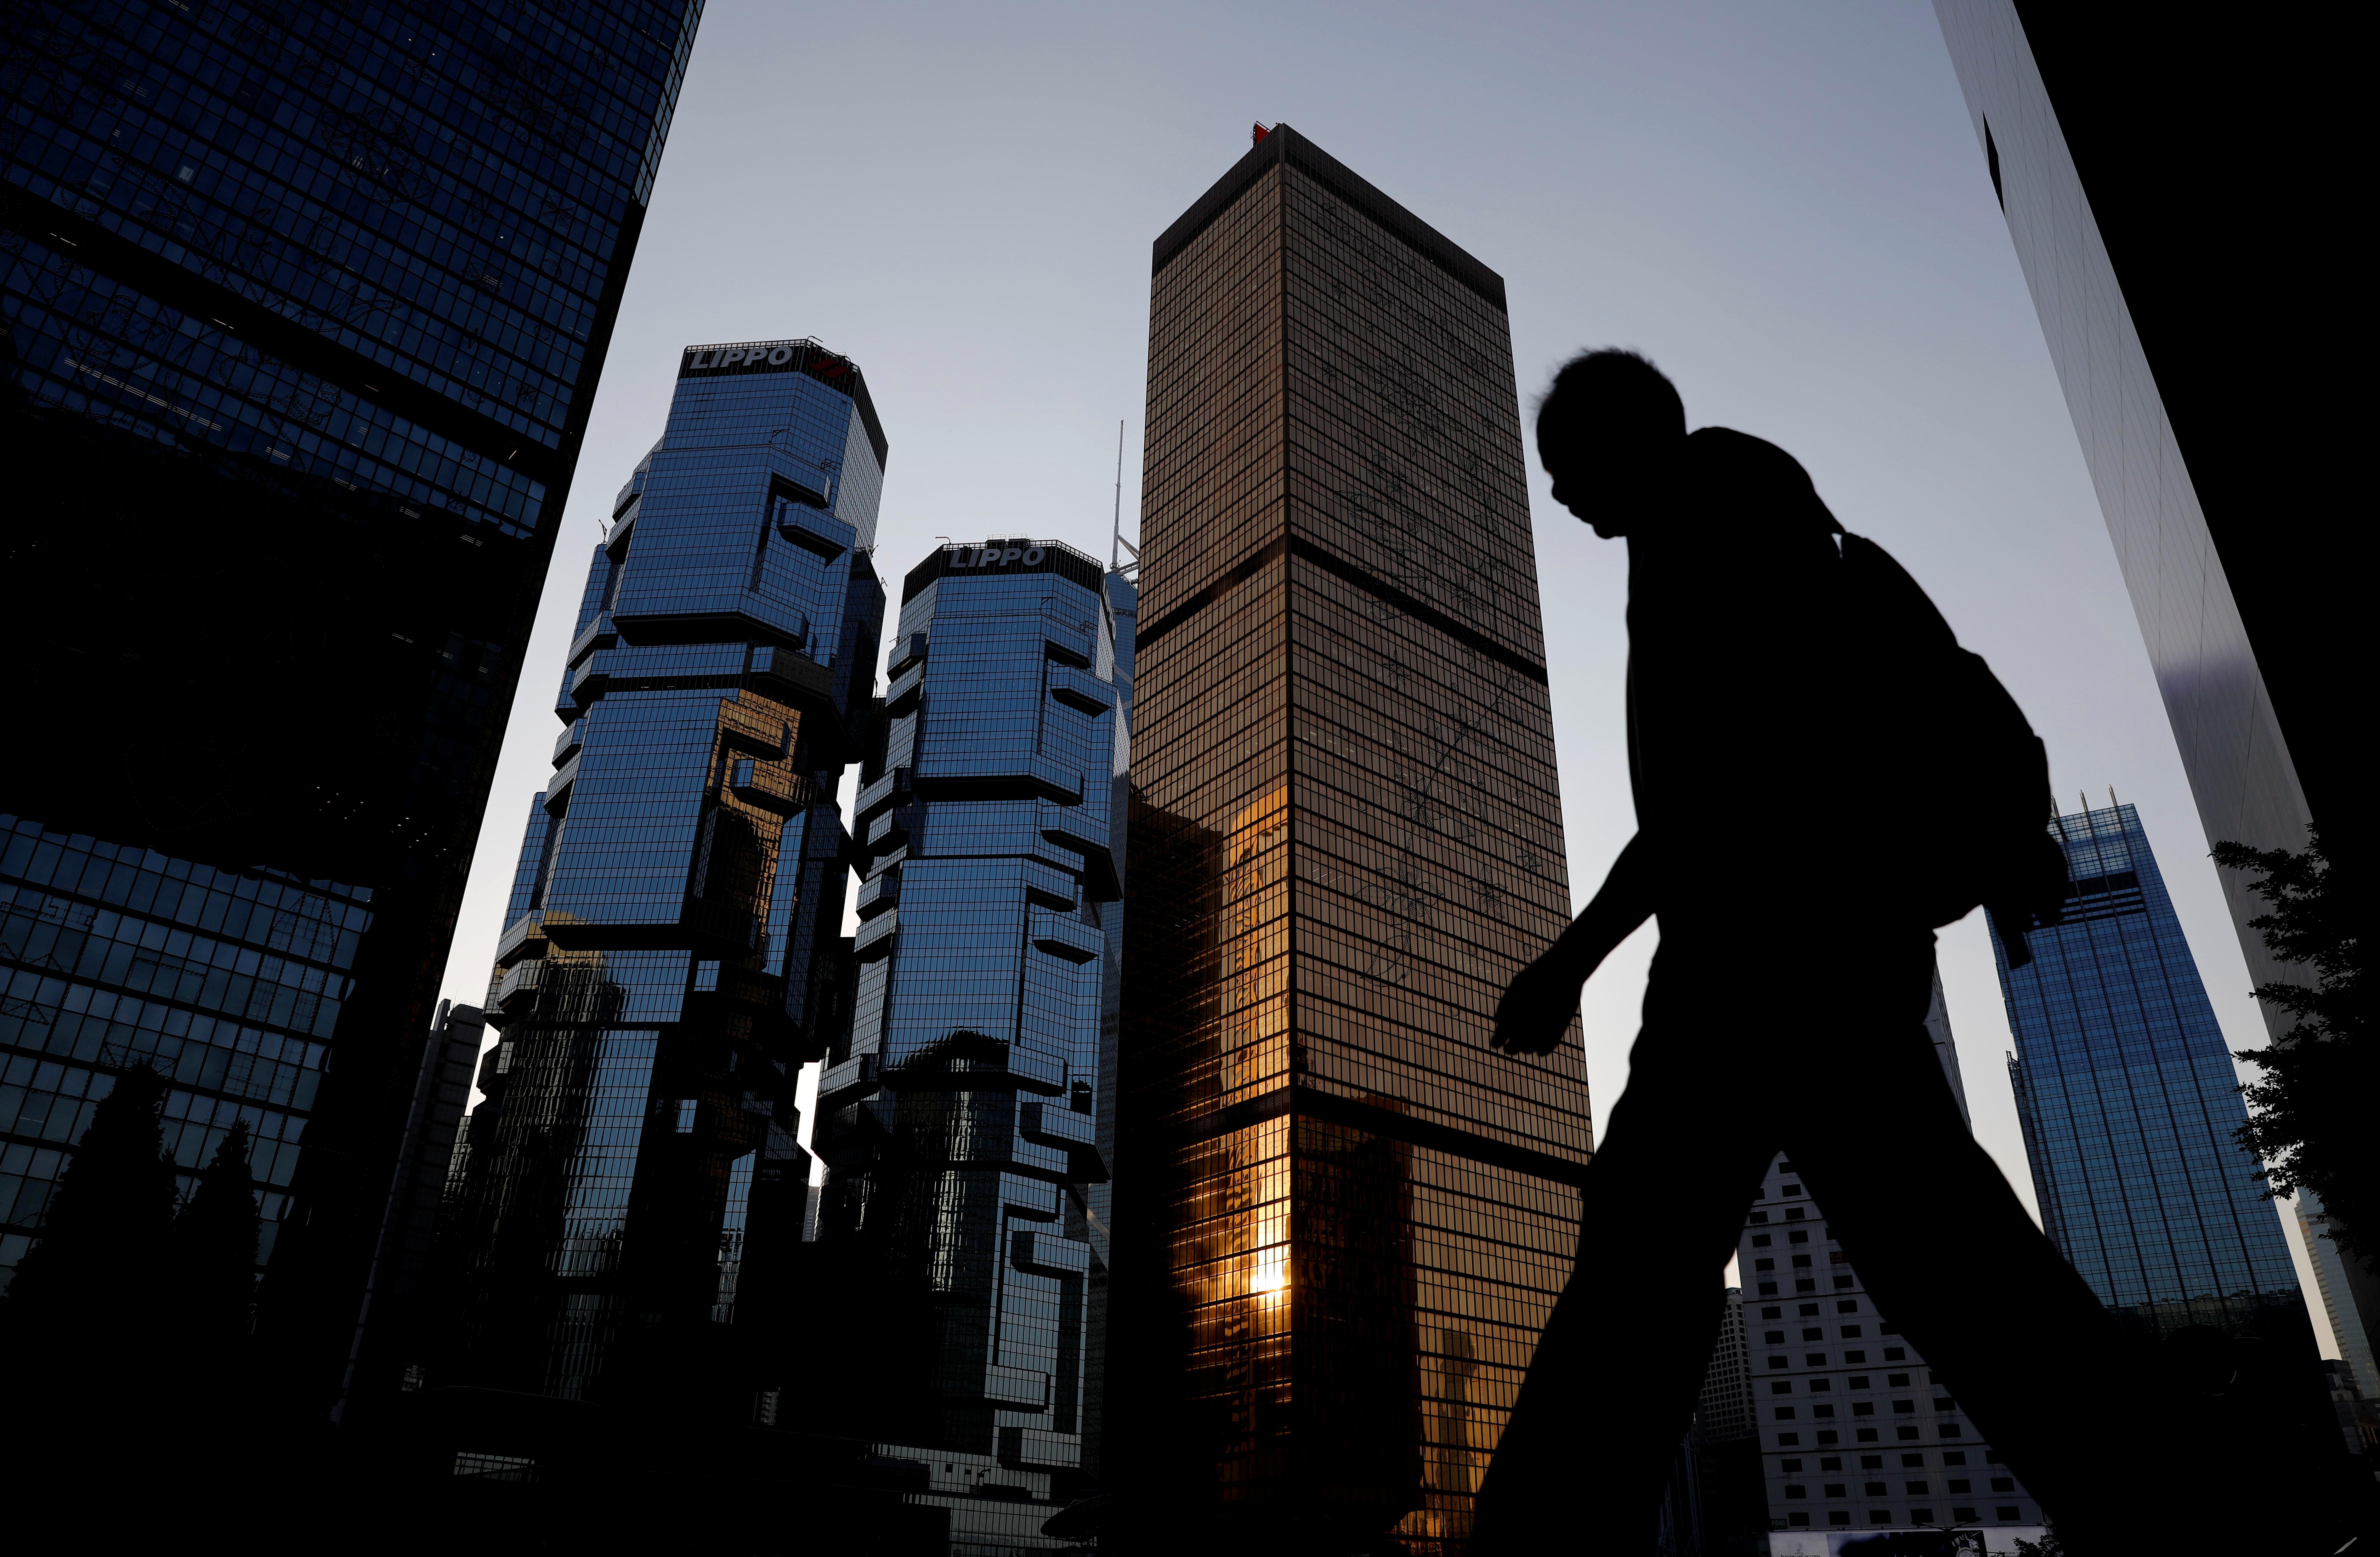 A man walks past buildings at a business district in Hong Kong, China, November 4, 2019. REUTERS/Kim Kyung-Hoon